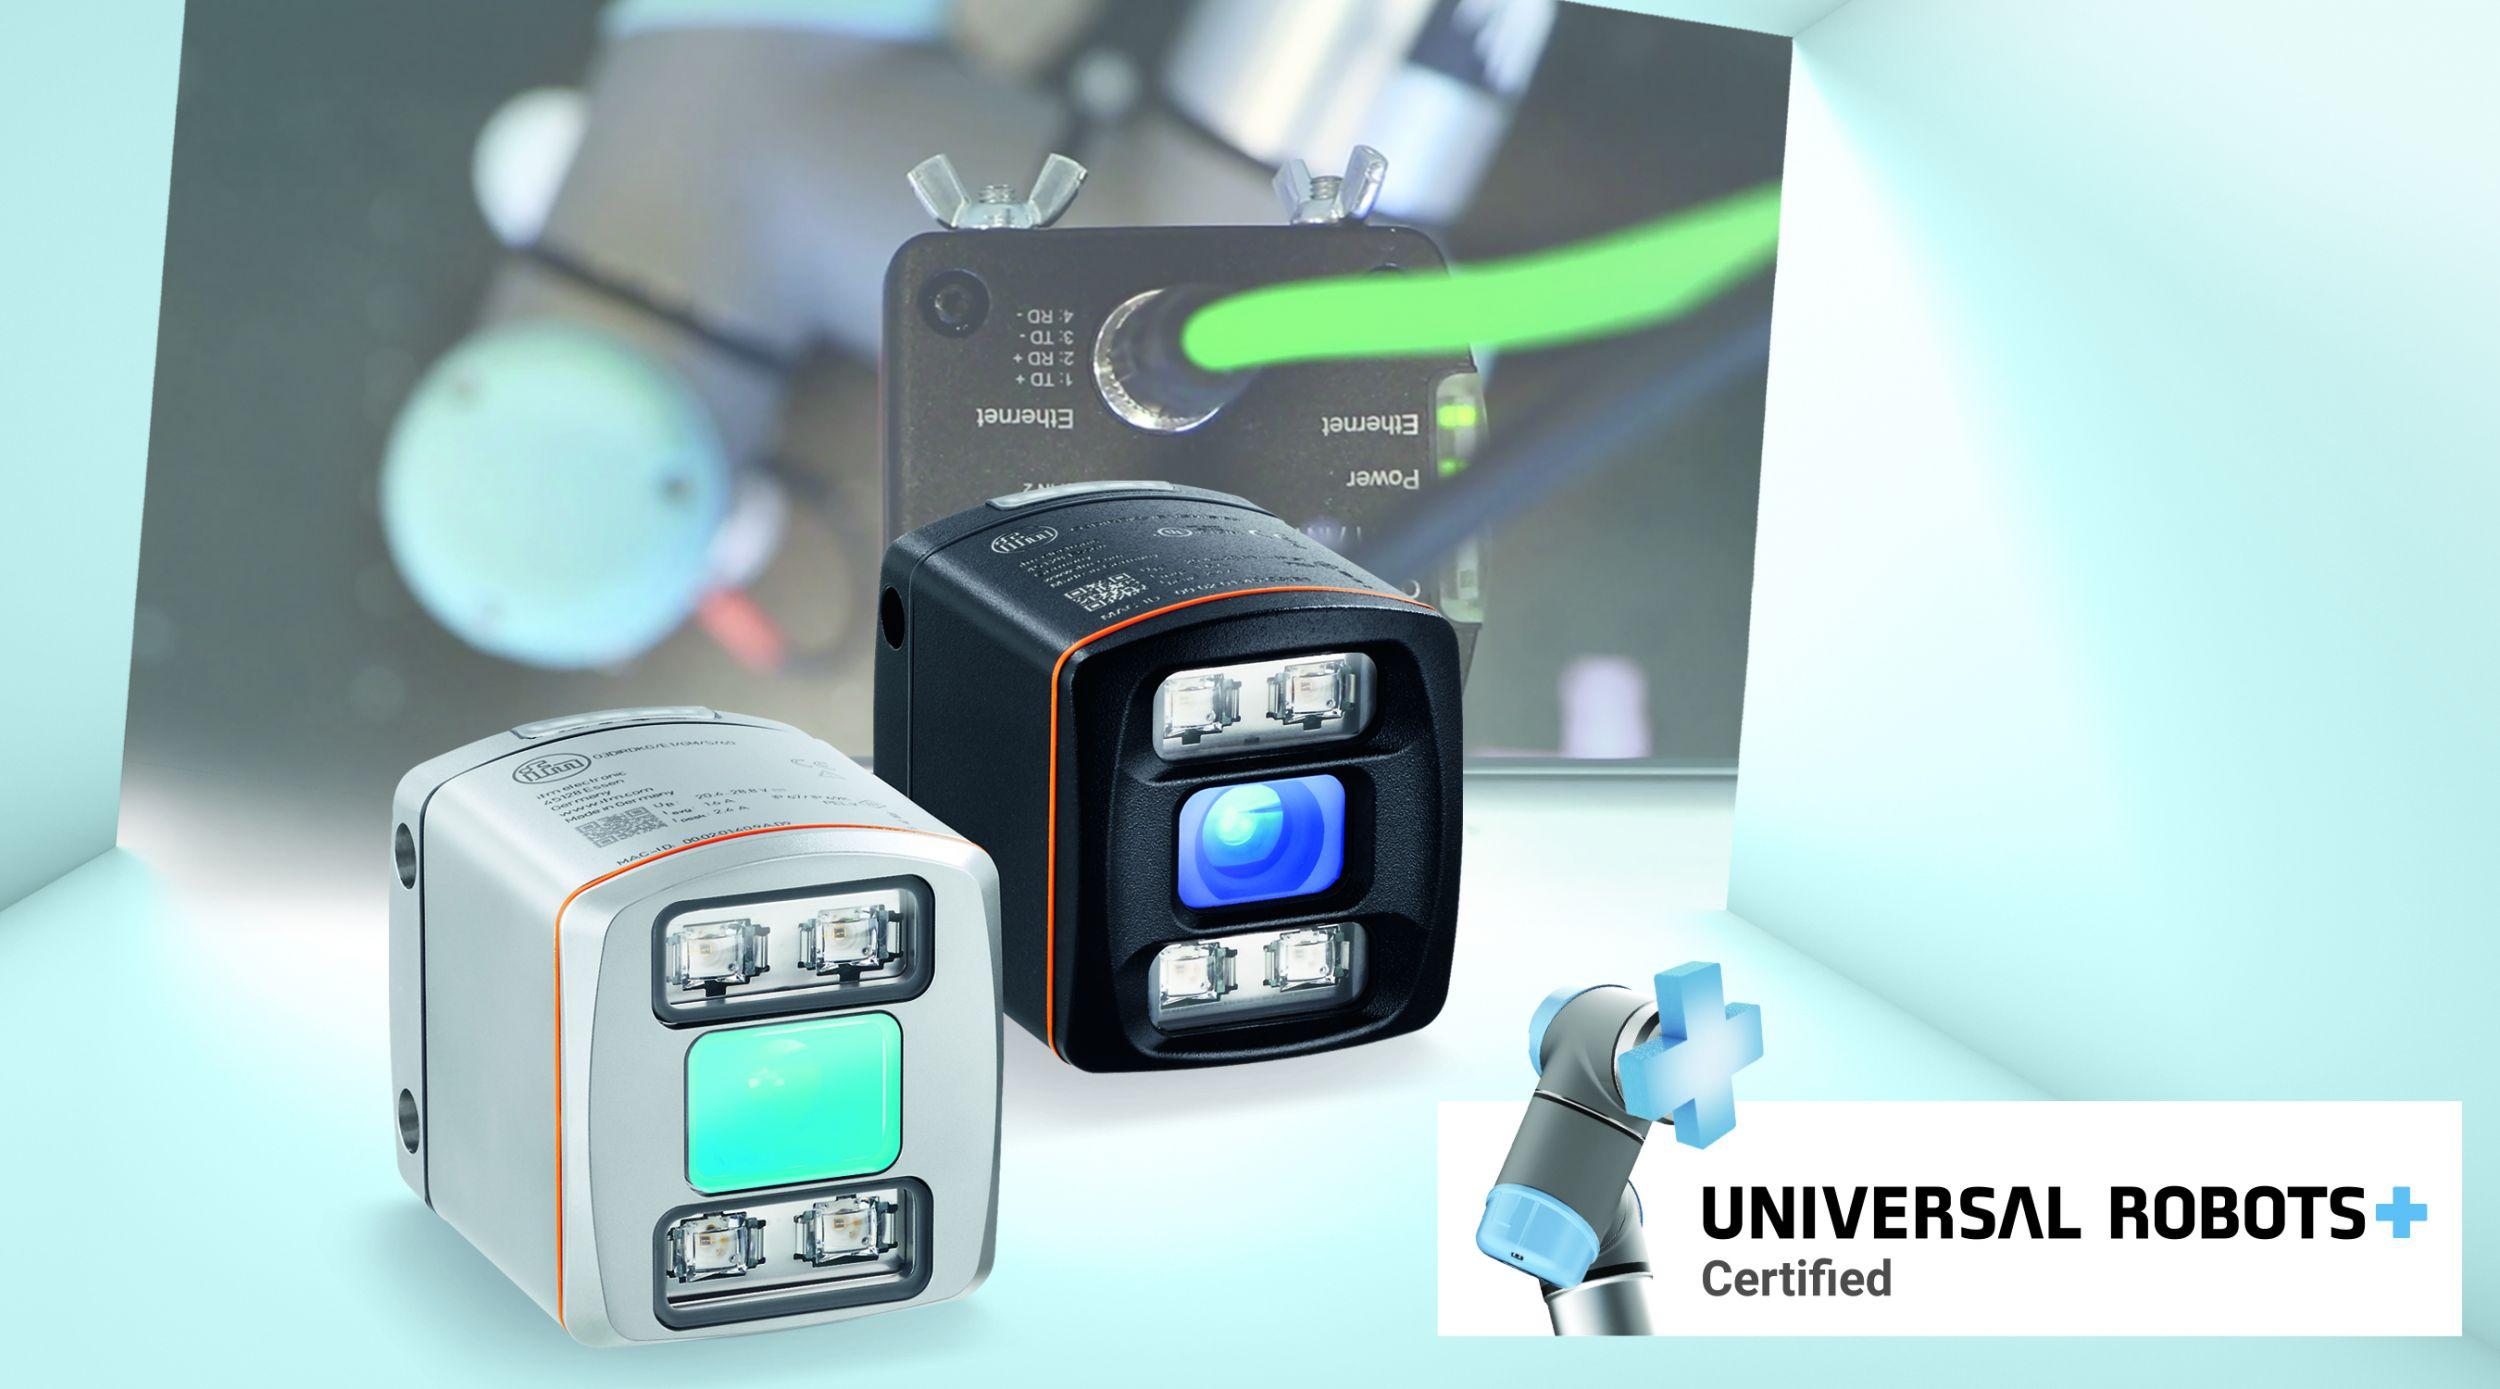 Das Danish Technological Institute (DTI) hat zusammen mit Ifm das Software-Plugin URCap für Universal Robots entwickelt, das die direkte Kommunikation des Vision Sensors O3D mit der Robotersteuerung ermöglicht. (Bild: IFM Electronic GmbH)